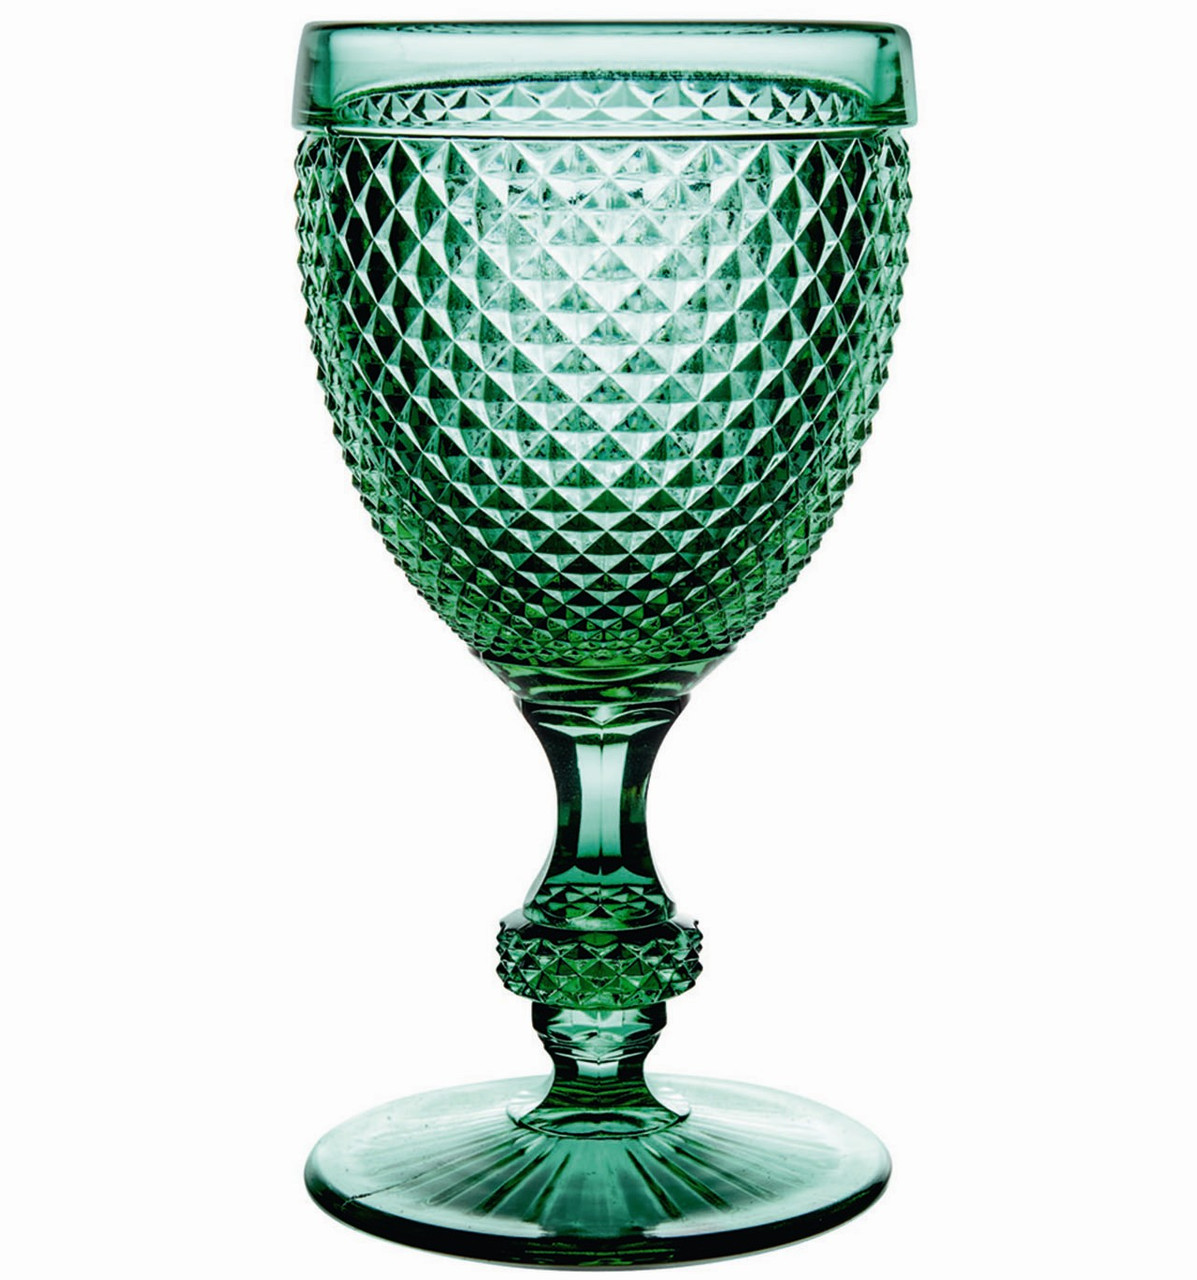 Набір бокалів для води Vista Alegre Bicos 280 мл 4 шт зелених AB10/003043163004